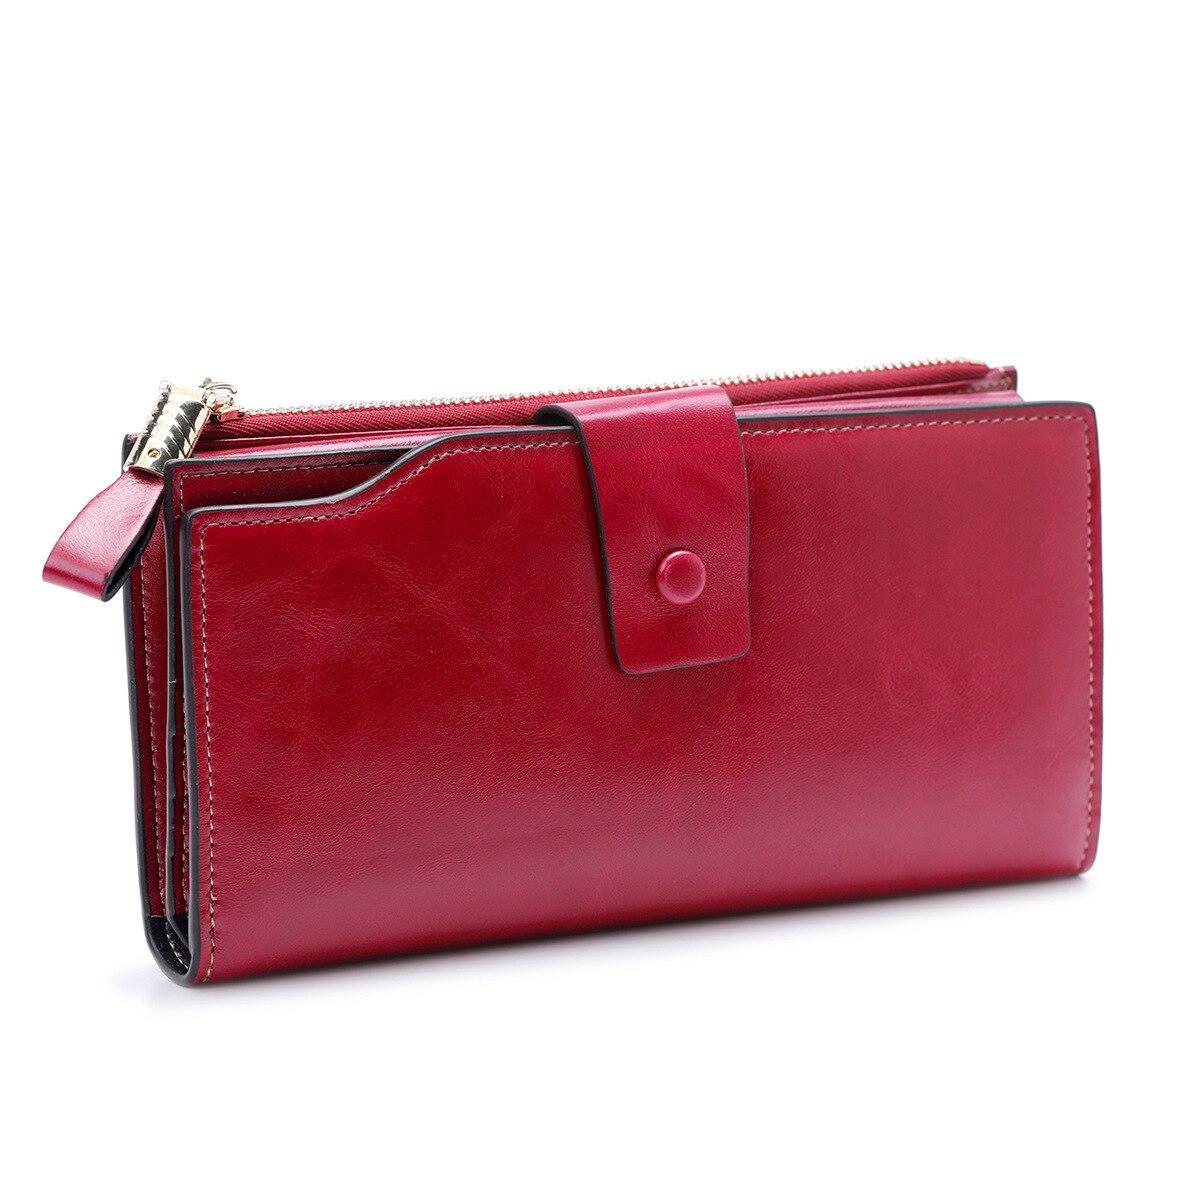 Модный женский кошелек из натуральной кожи, Женский карман для сотового телефона, длинные женские кошельки с застежкой, масло, воск, кожа, Женский кошелек для монет, держатель для карт - Цвет: wine red